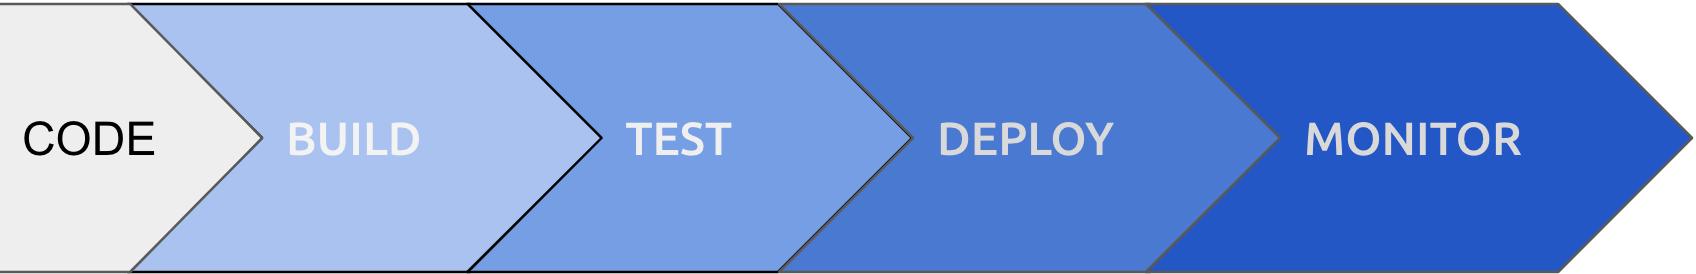 delivery diagram